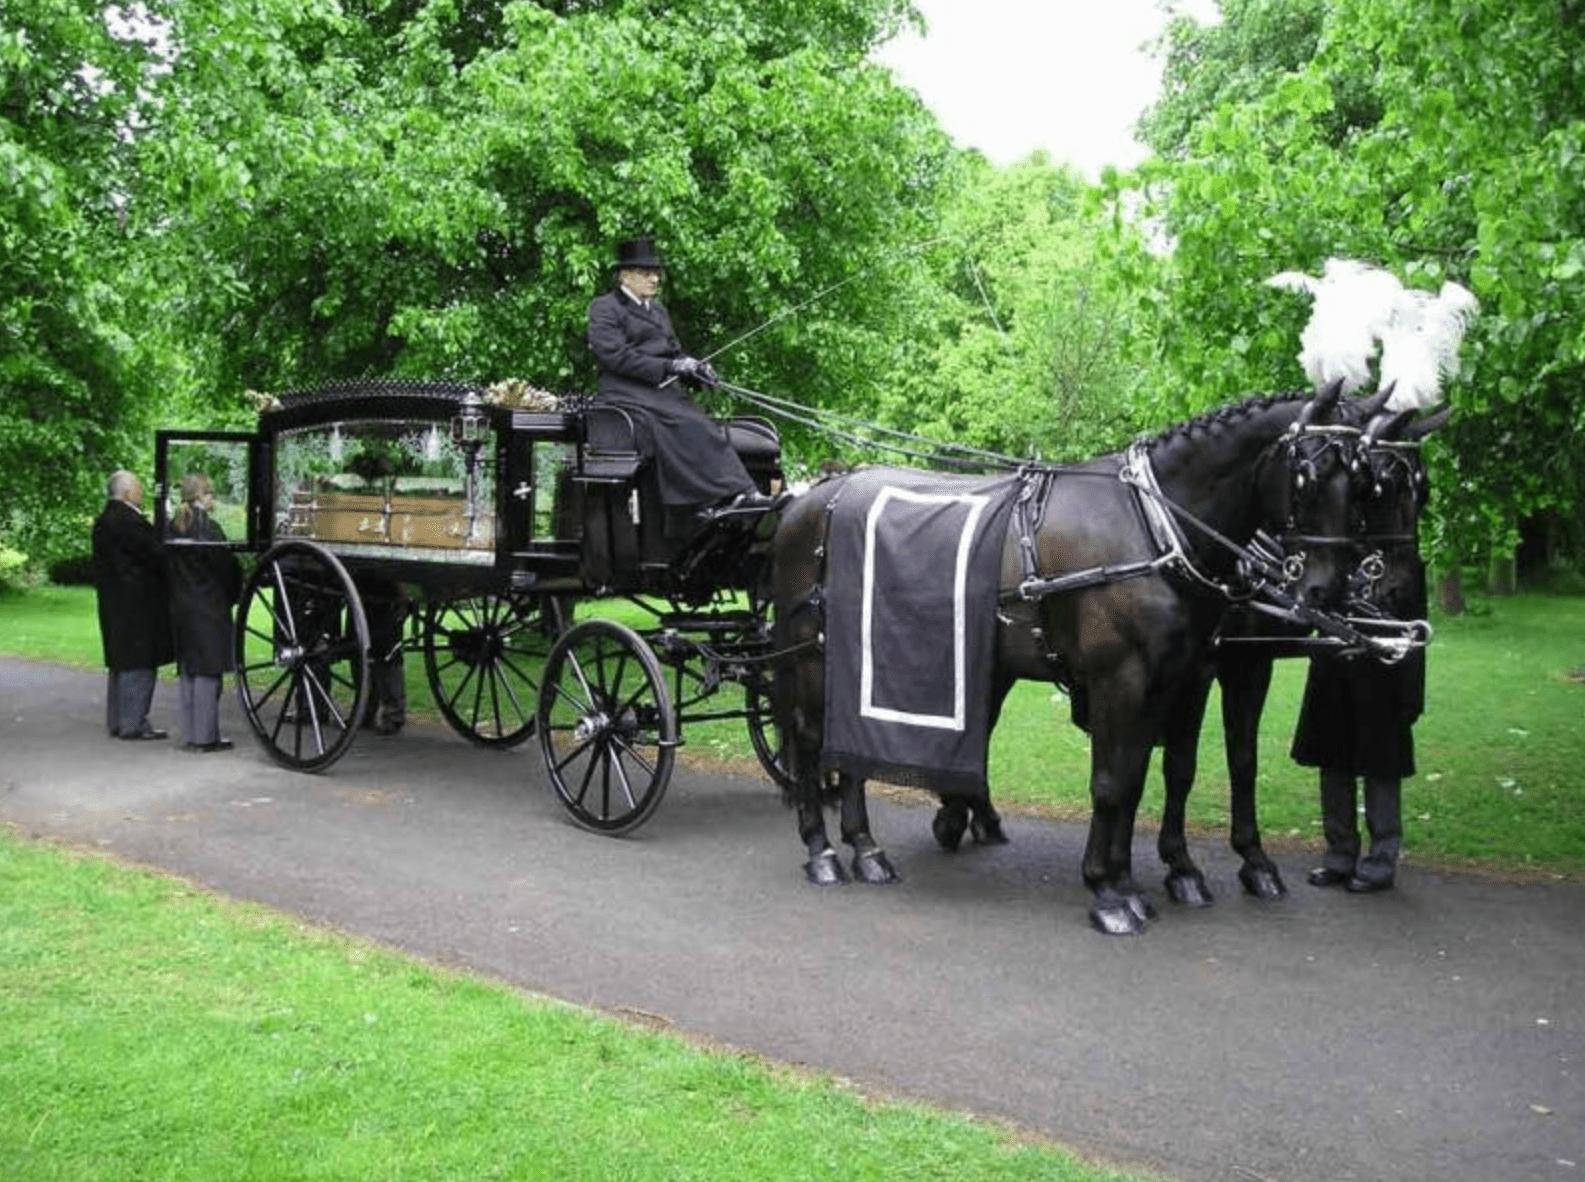 https://0201.nccdn.net/1_2/000/000/177/b3e/funeral-image.png